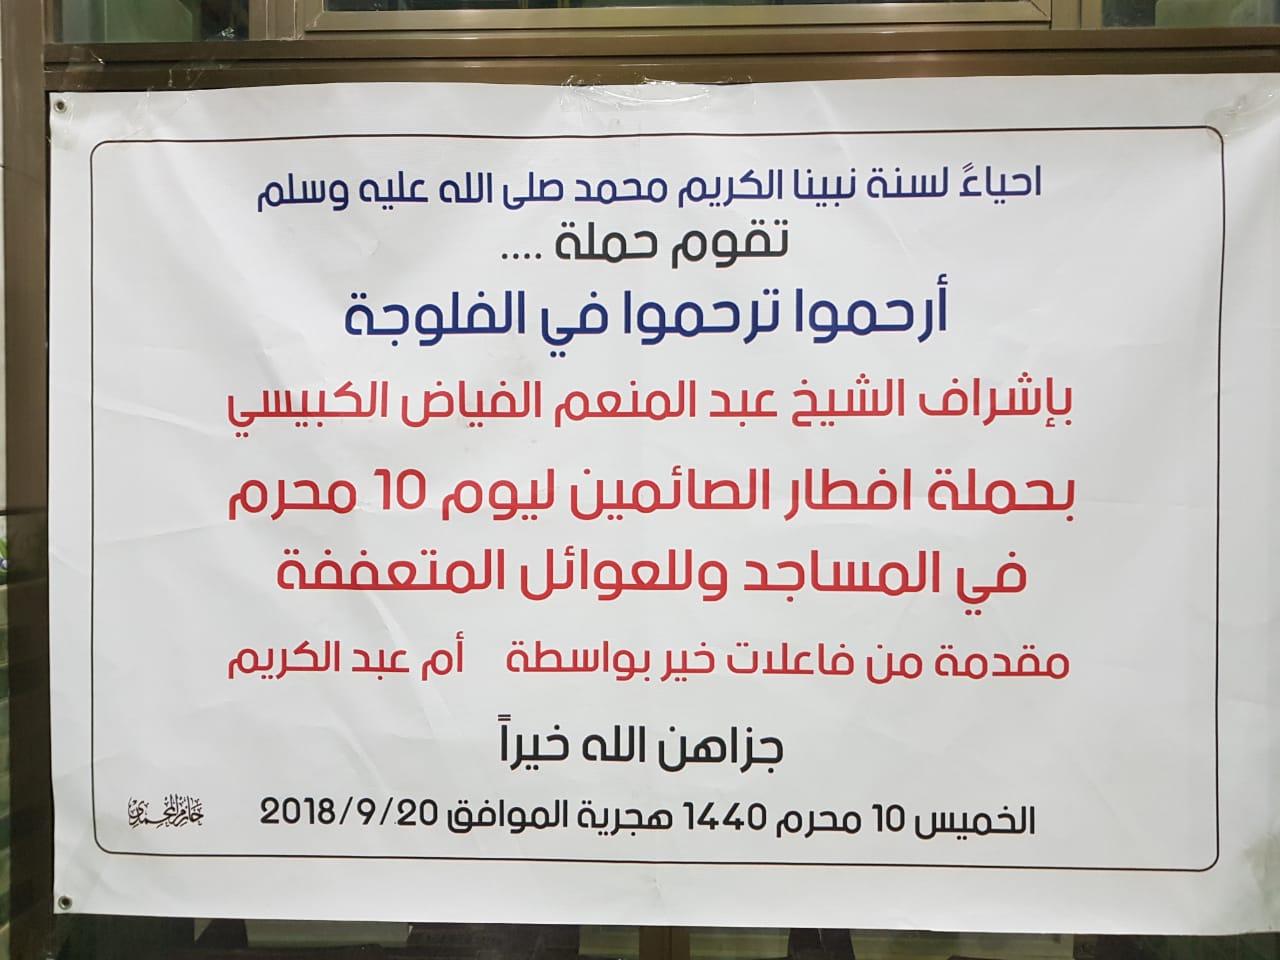 بالصور.. افطار جماعي في يوم 10 محرم بالفلوجة